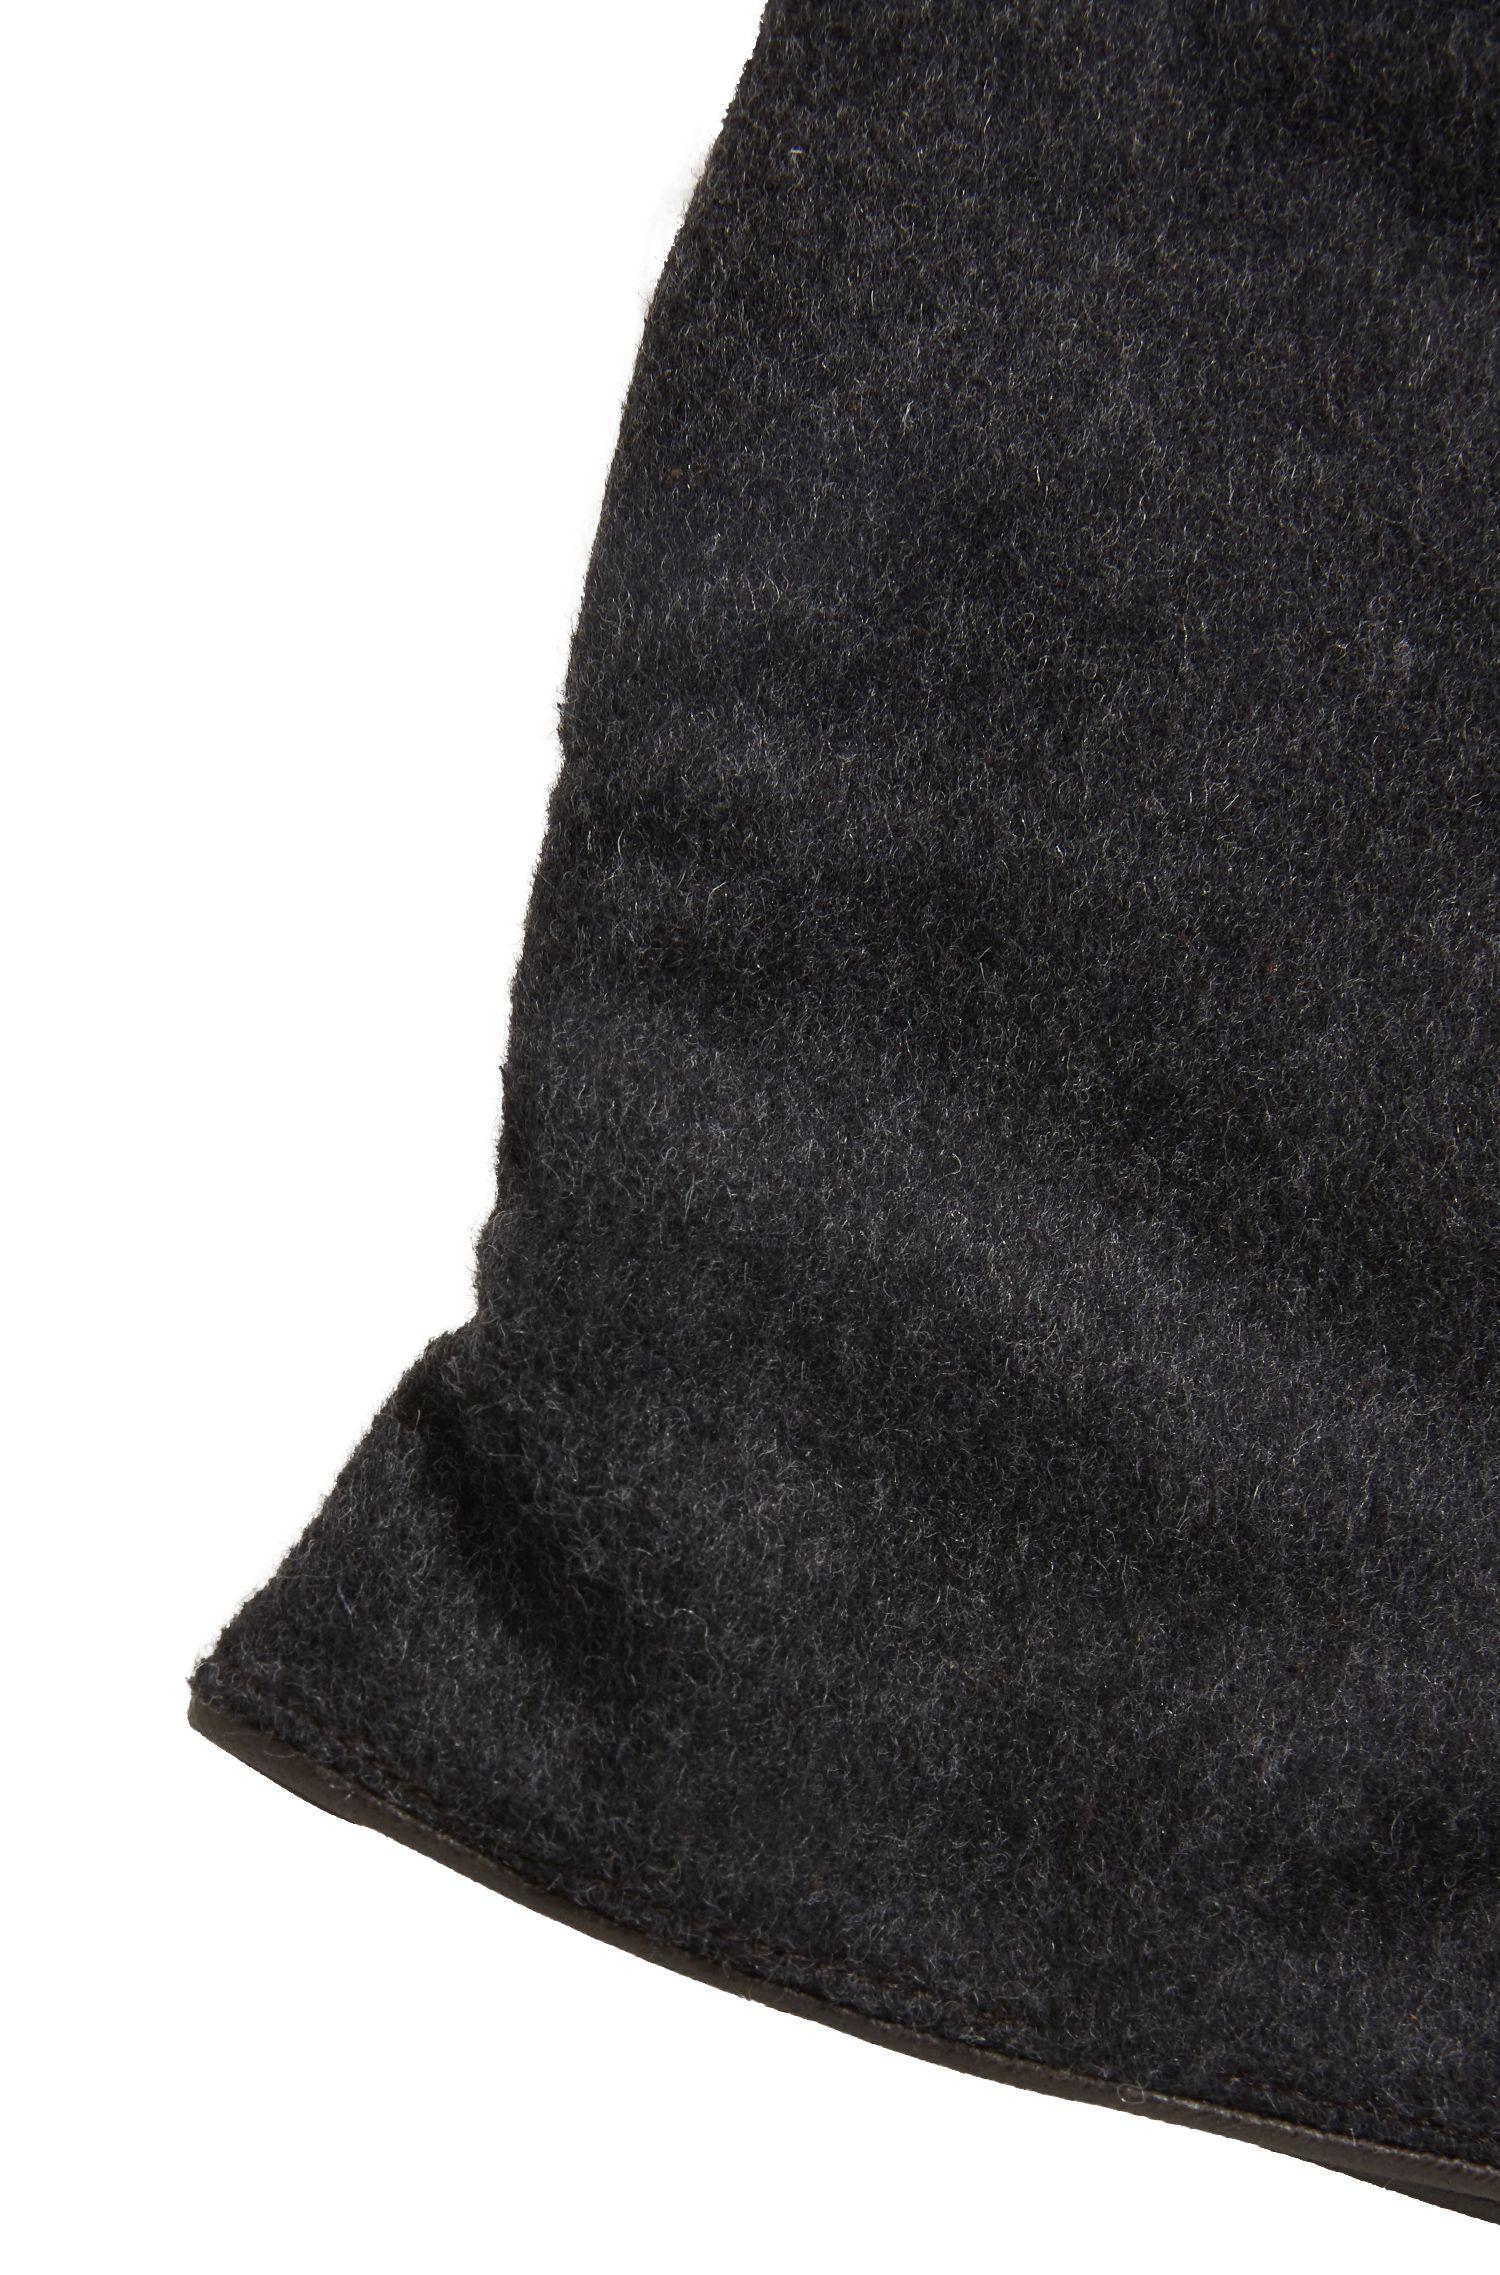 Leather & Wool Blend Knit Glove | Hebold TT